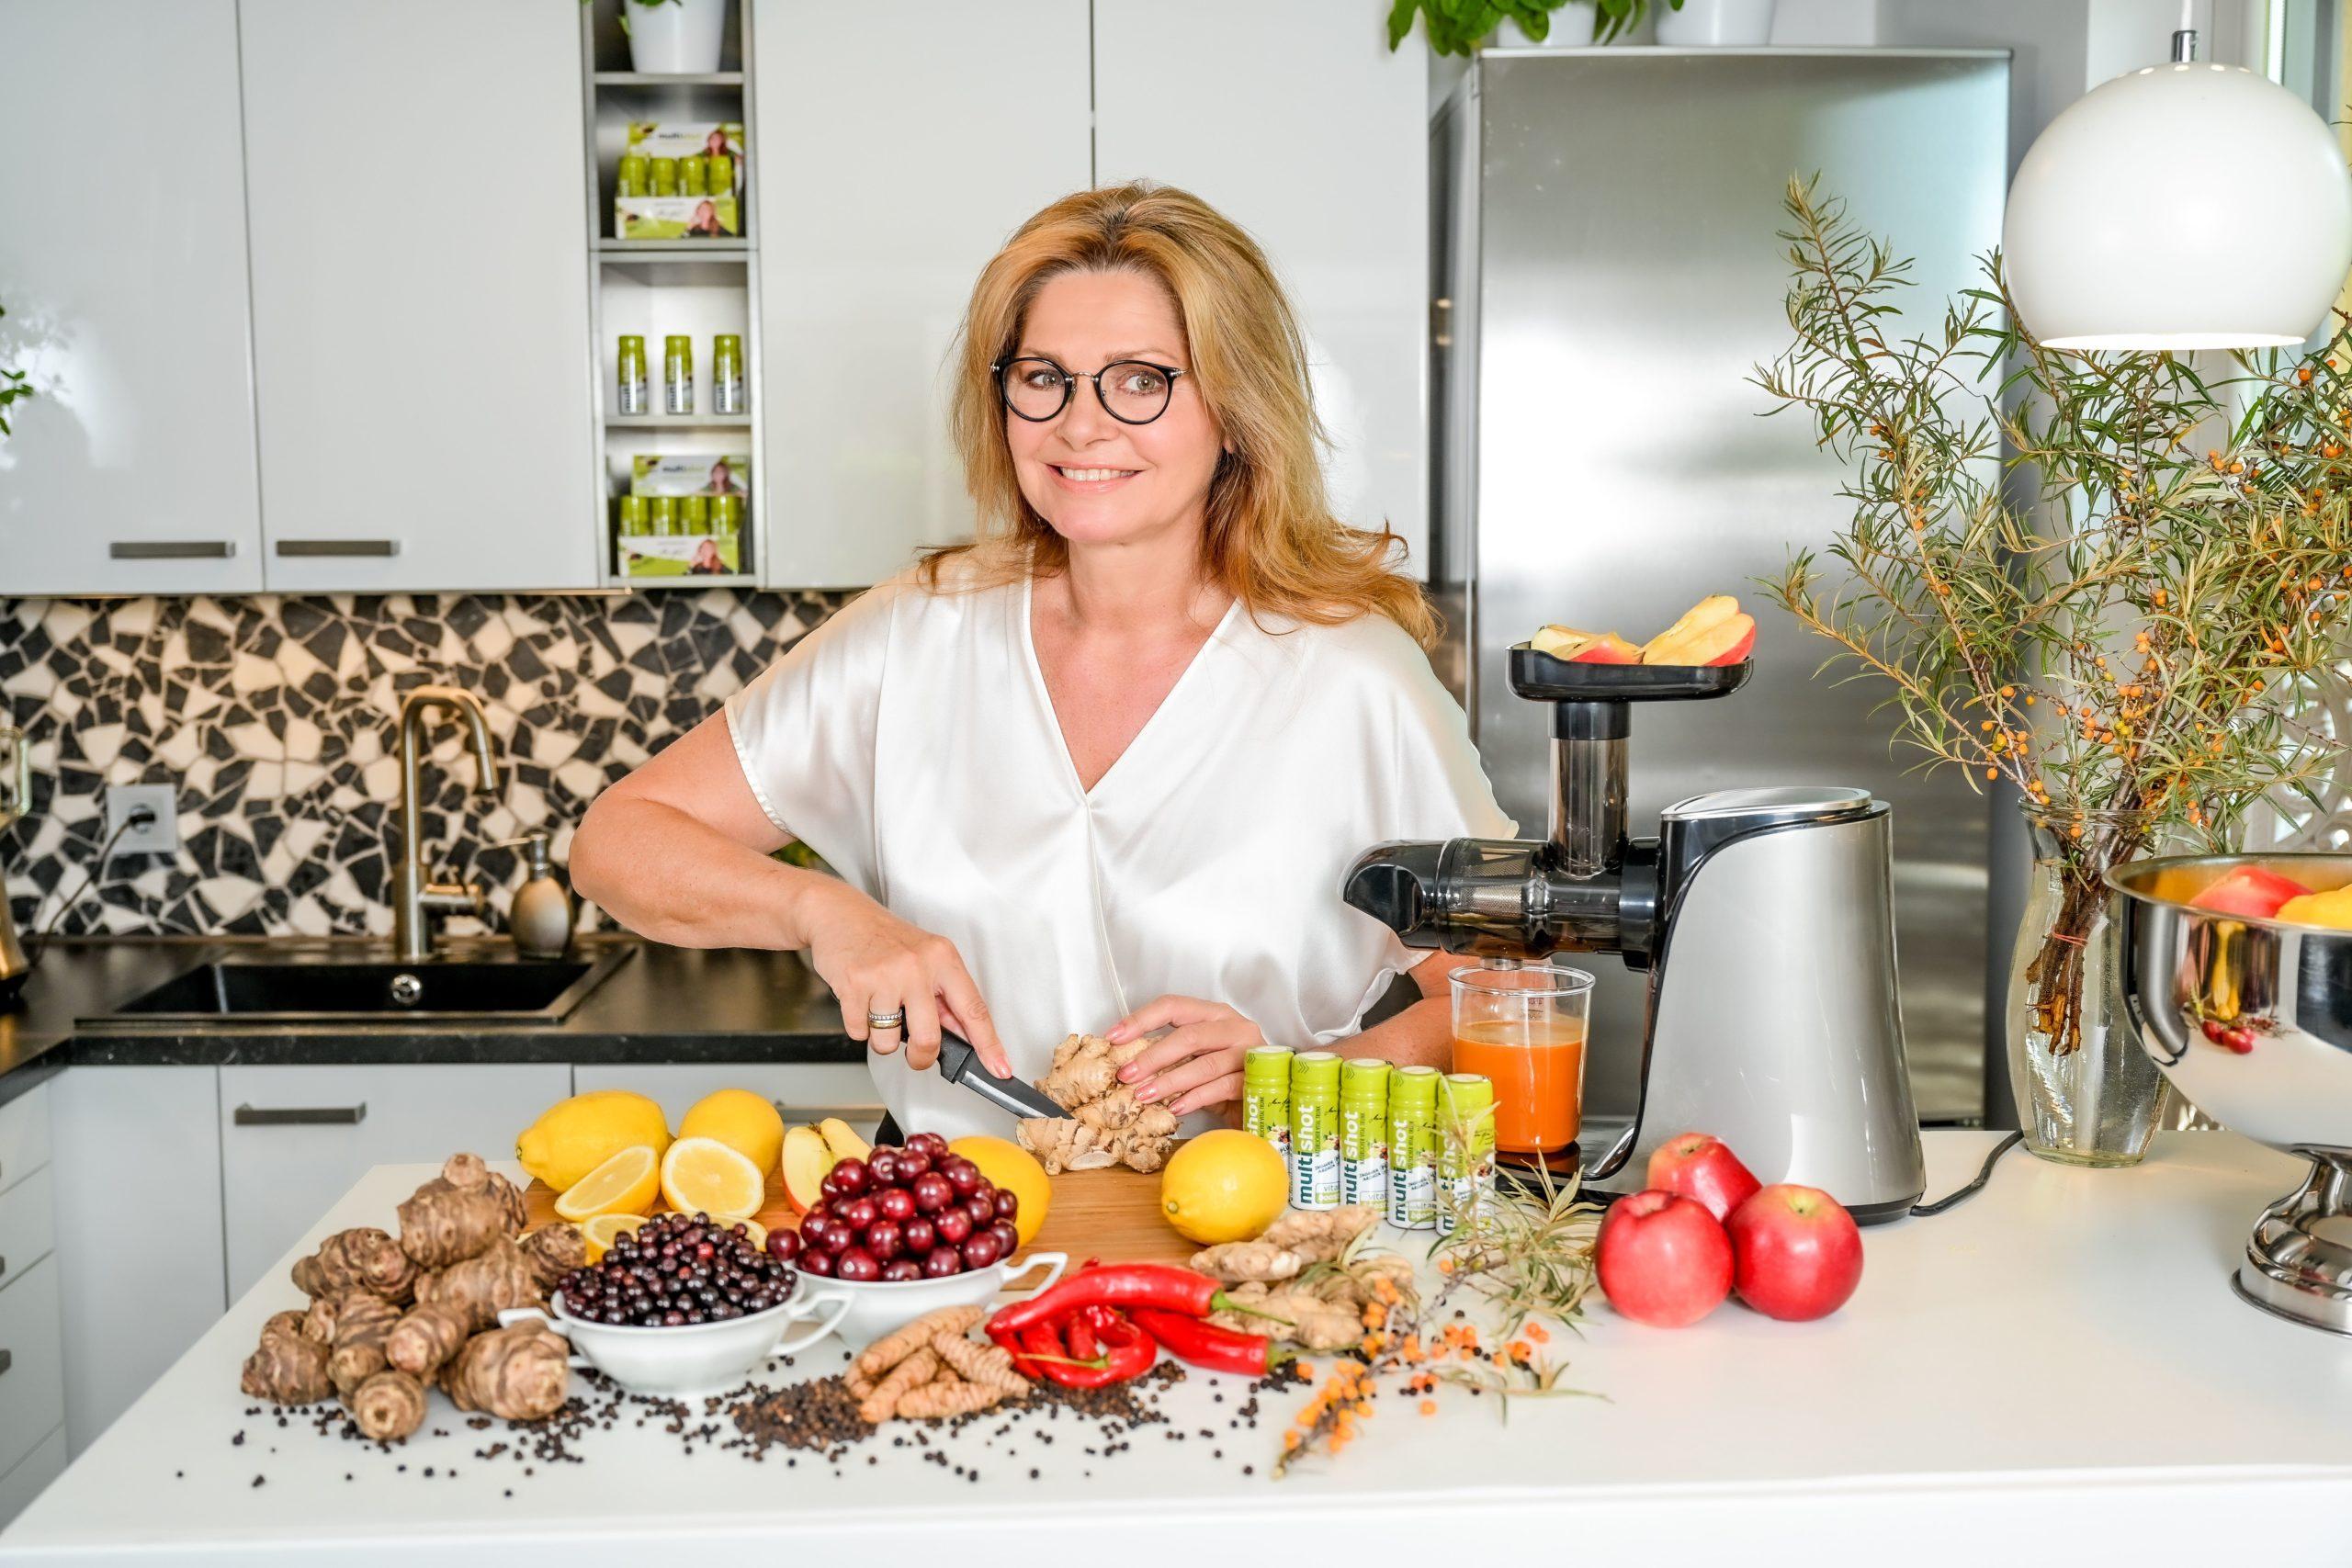 Interview mit Maren Gilzer: Unternehmensgründung, Gesundheit, Ernährung